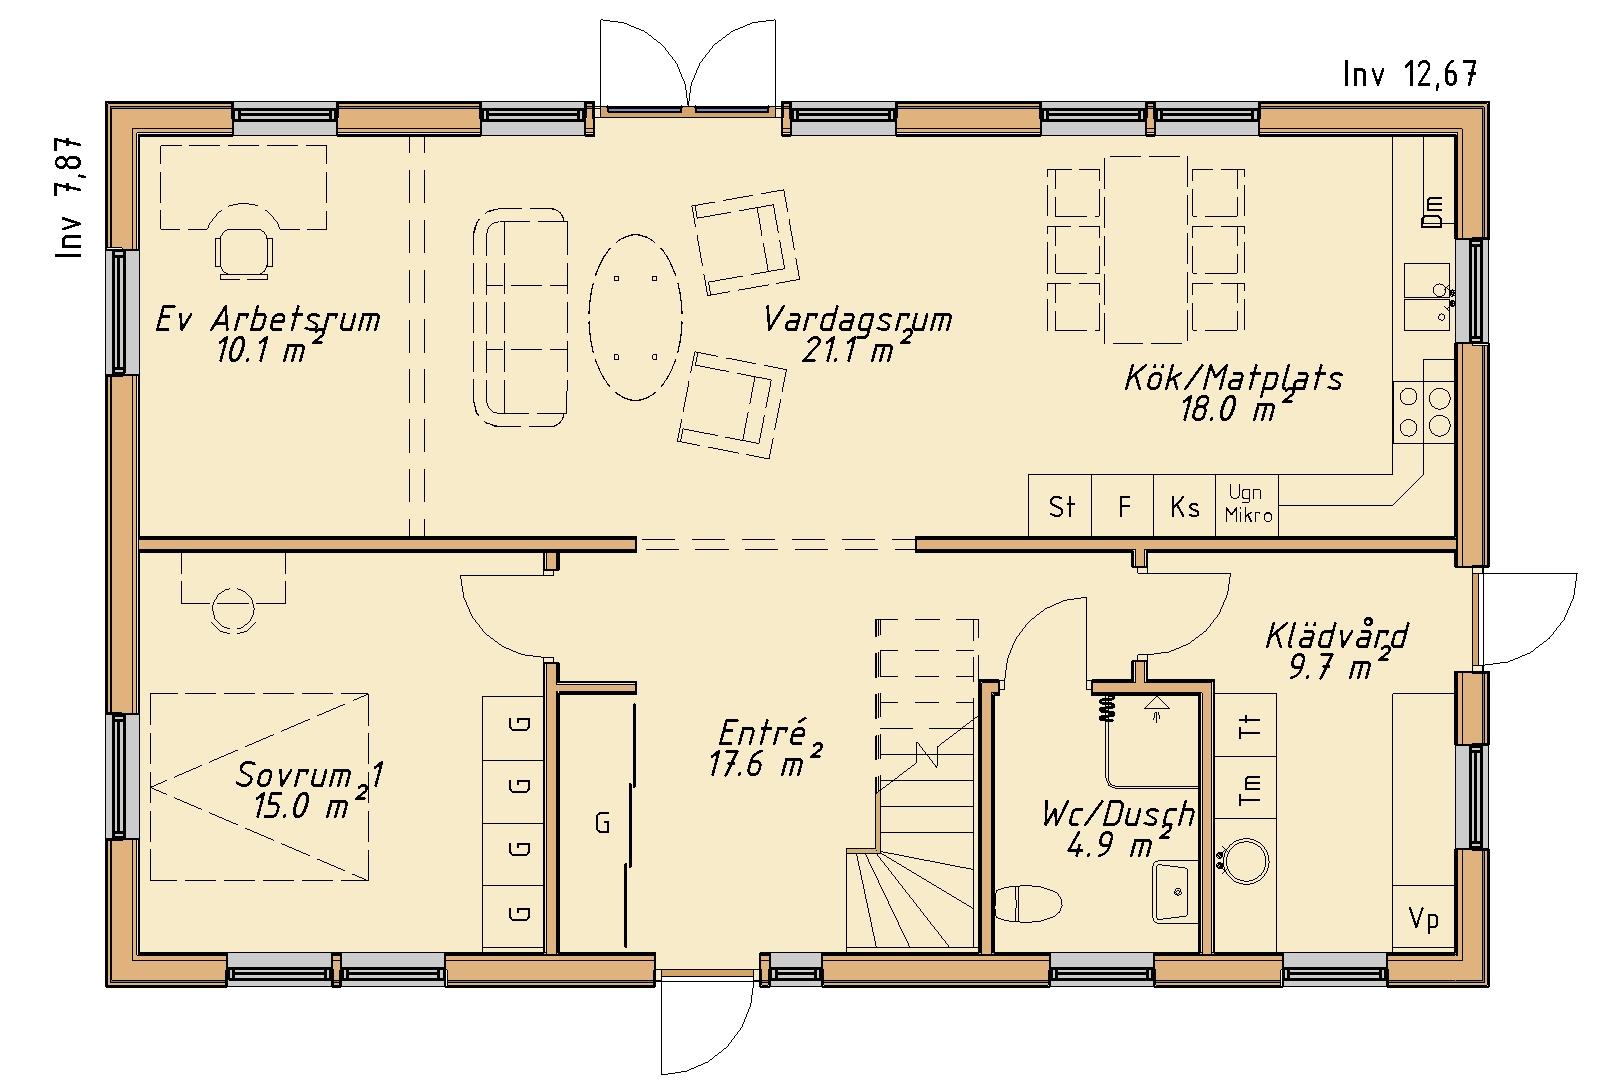 planlosningsbild 1 av EKET